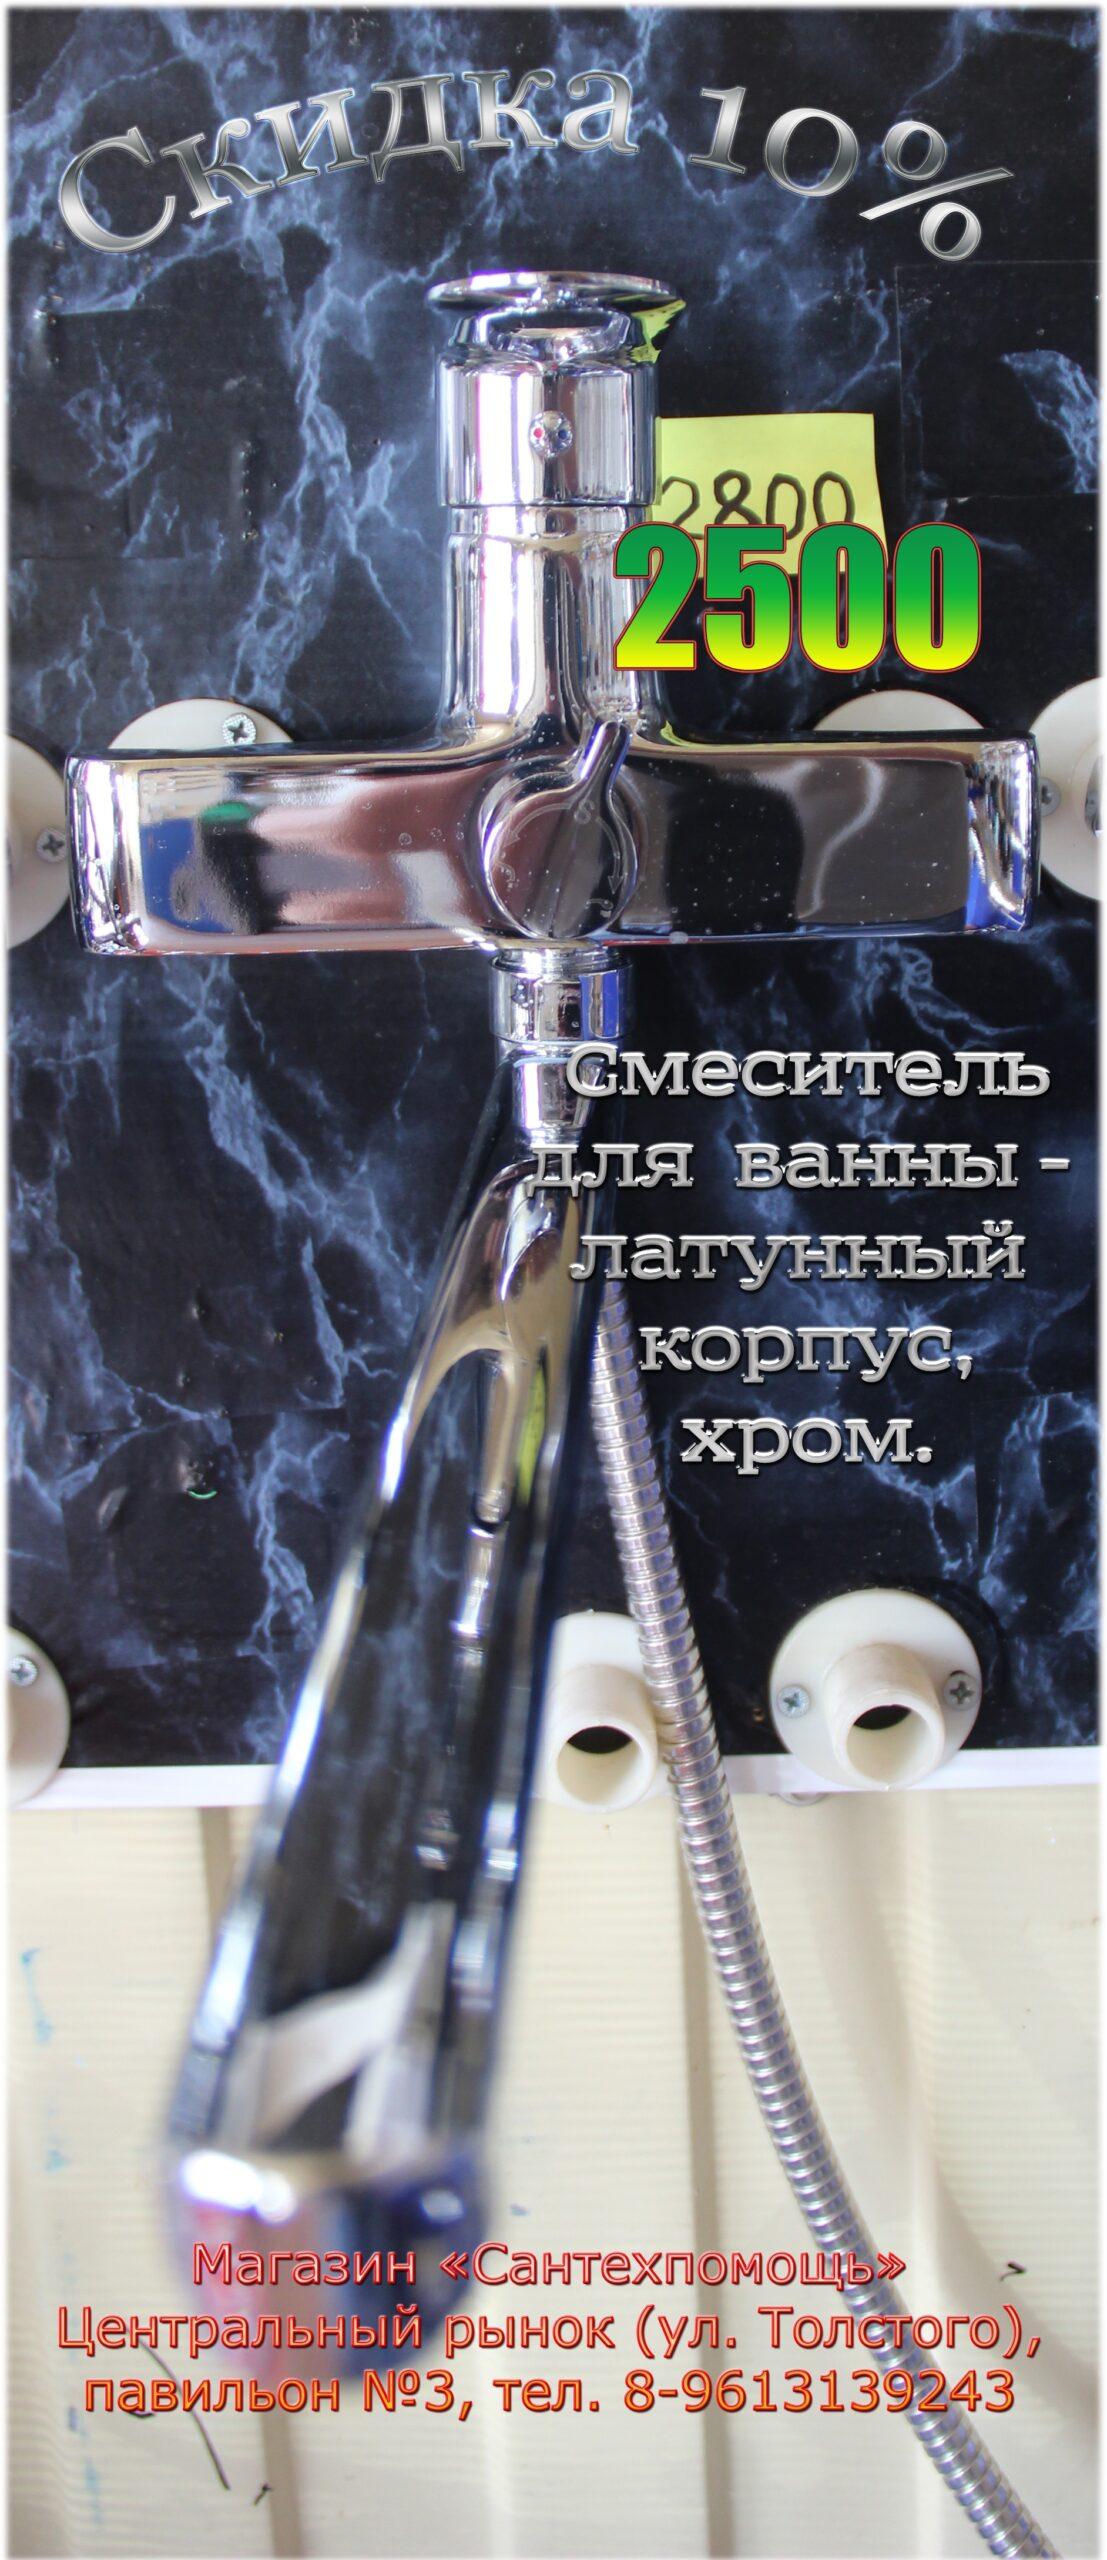 Скидка 10% на смеситель для ванны (латунный корпус, хром) — 2500 руб